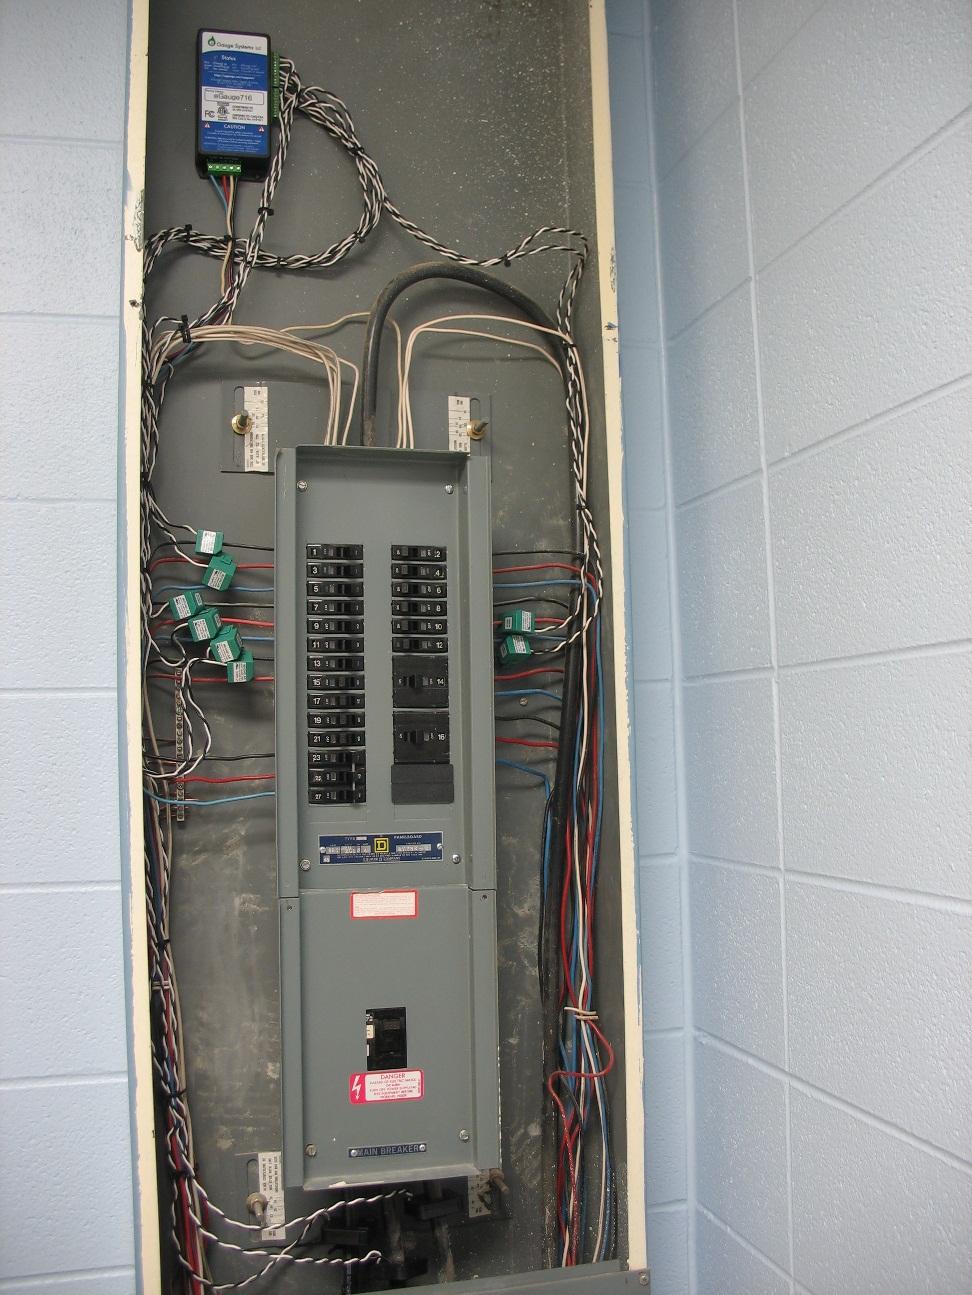 Kansas State University Power Usage Monitoring